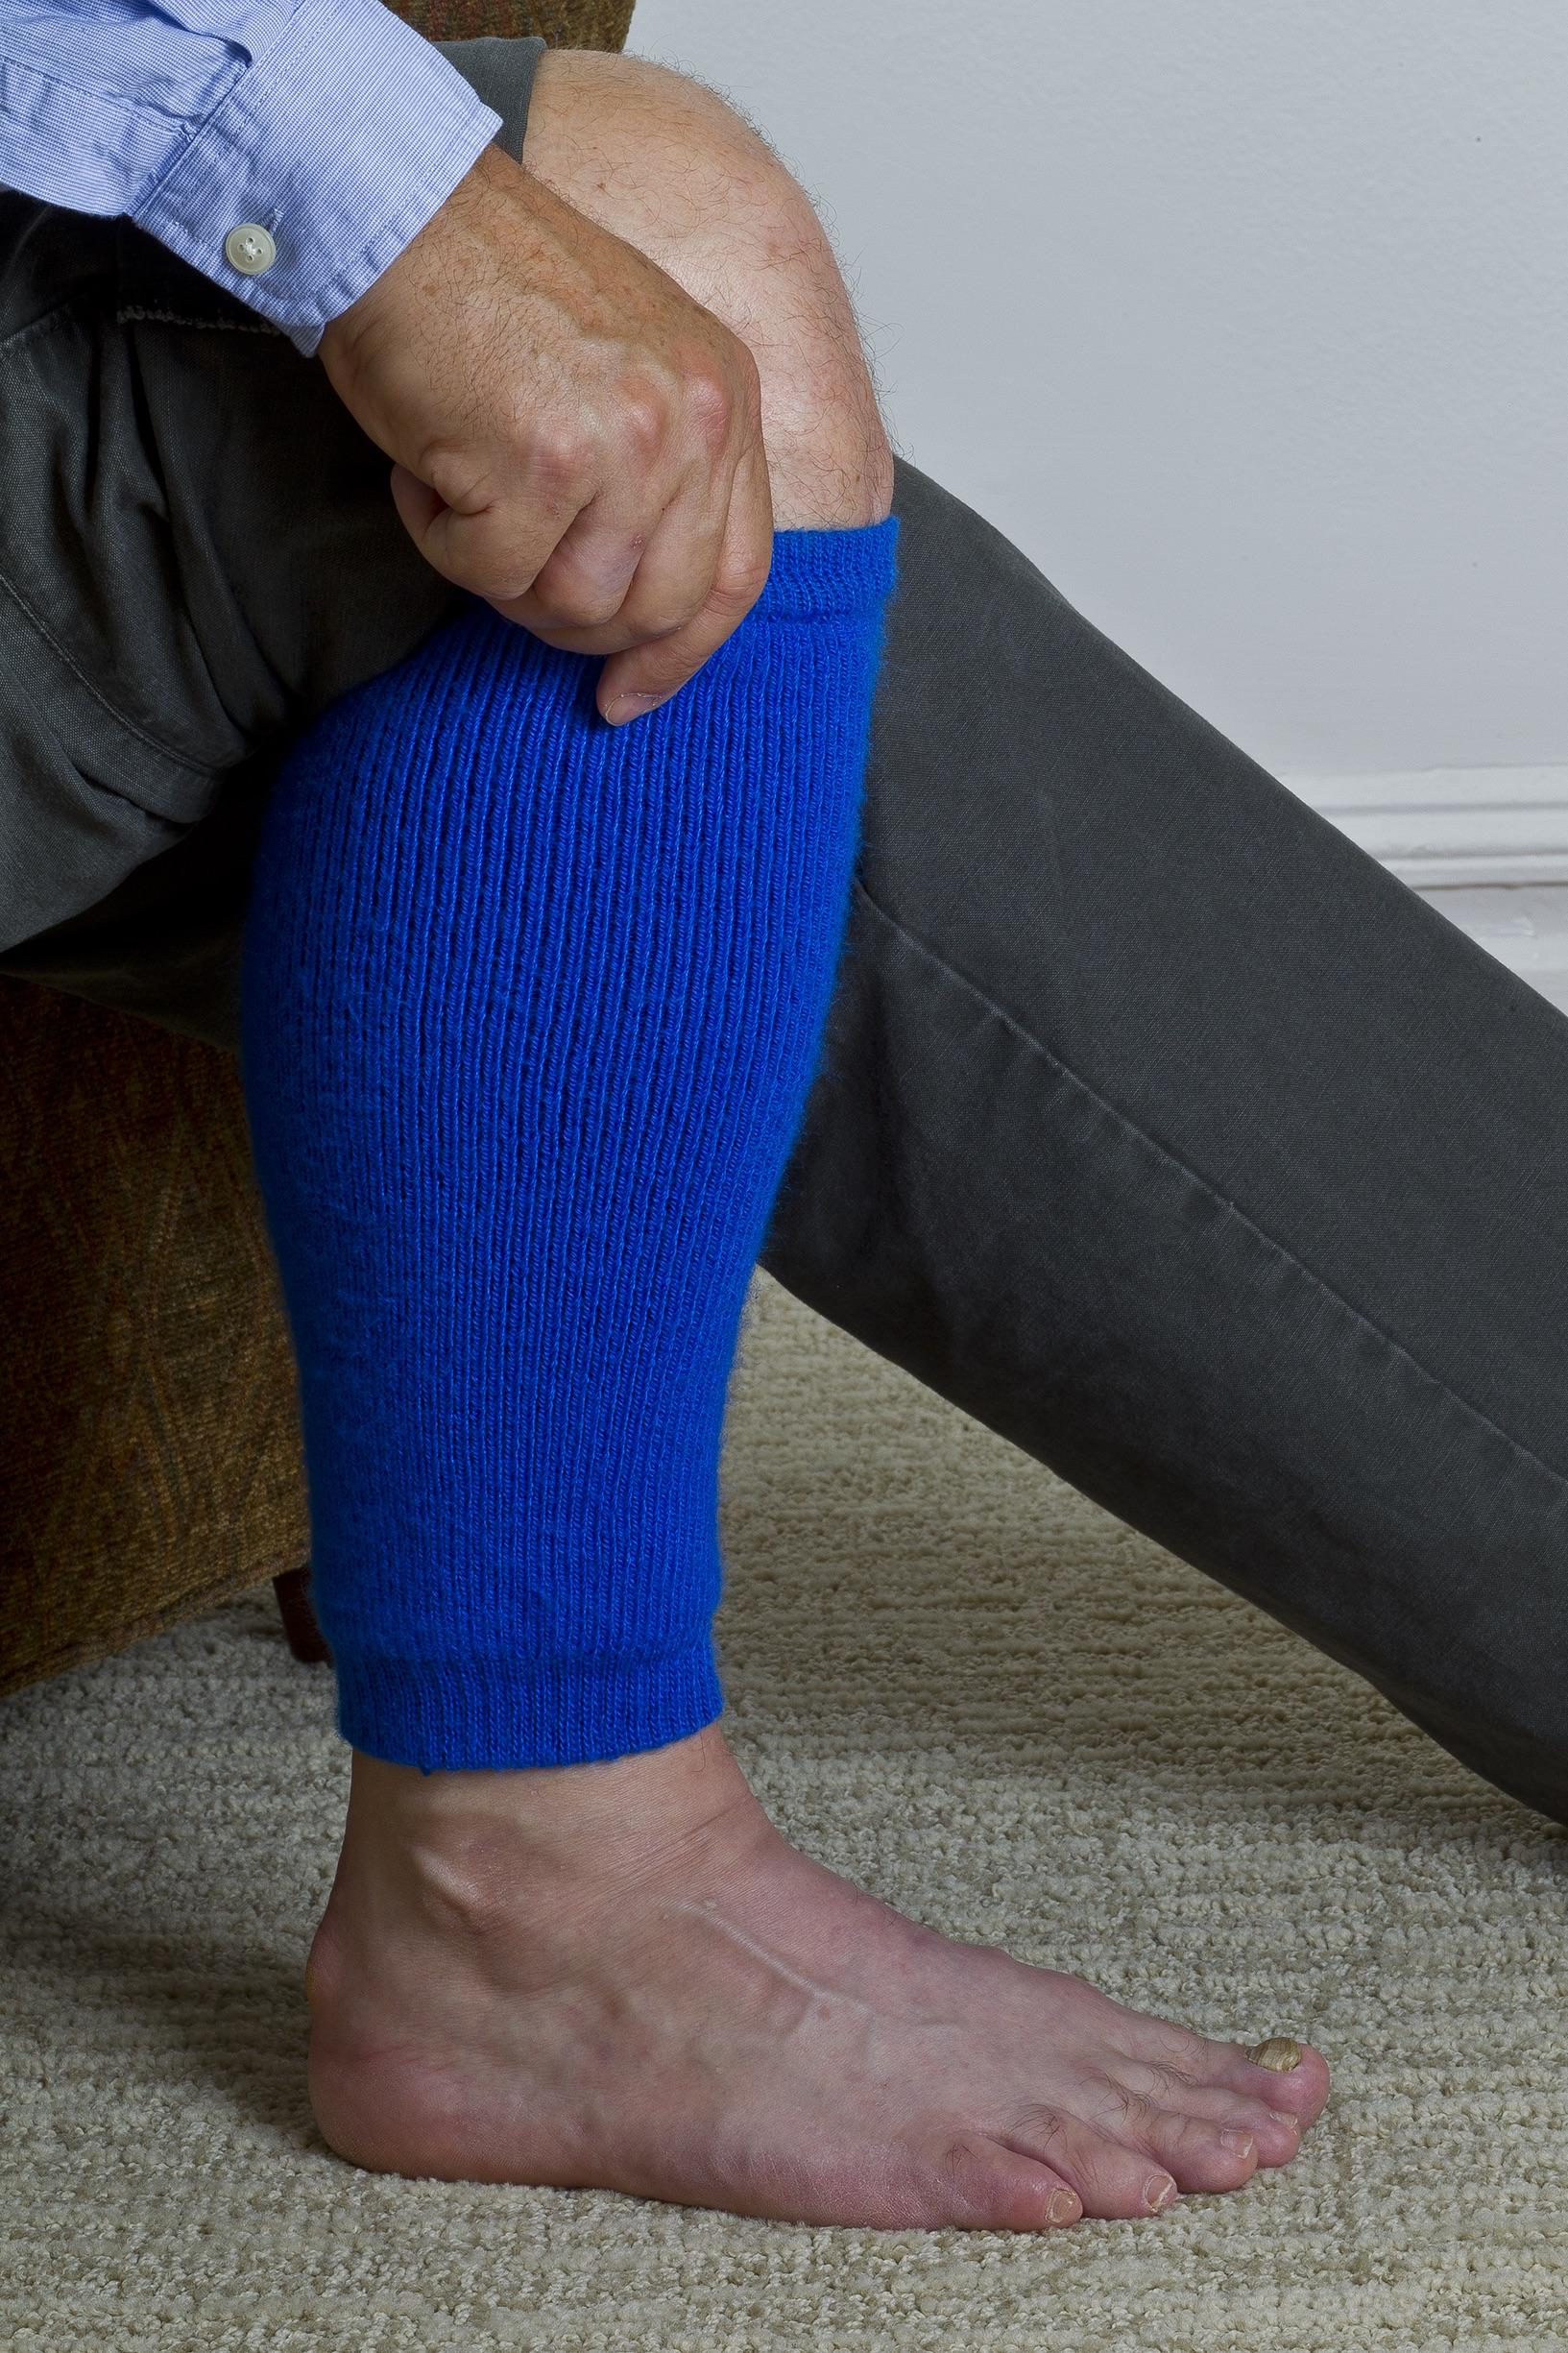 Limbkeepers Leg Protectors